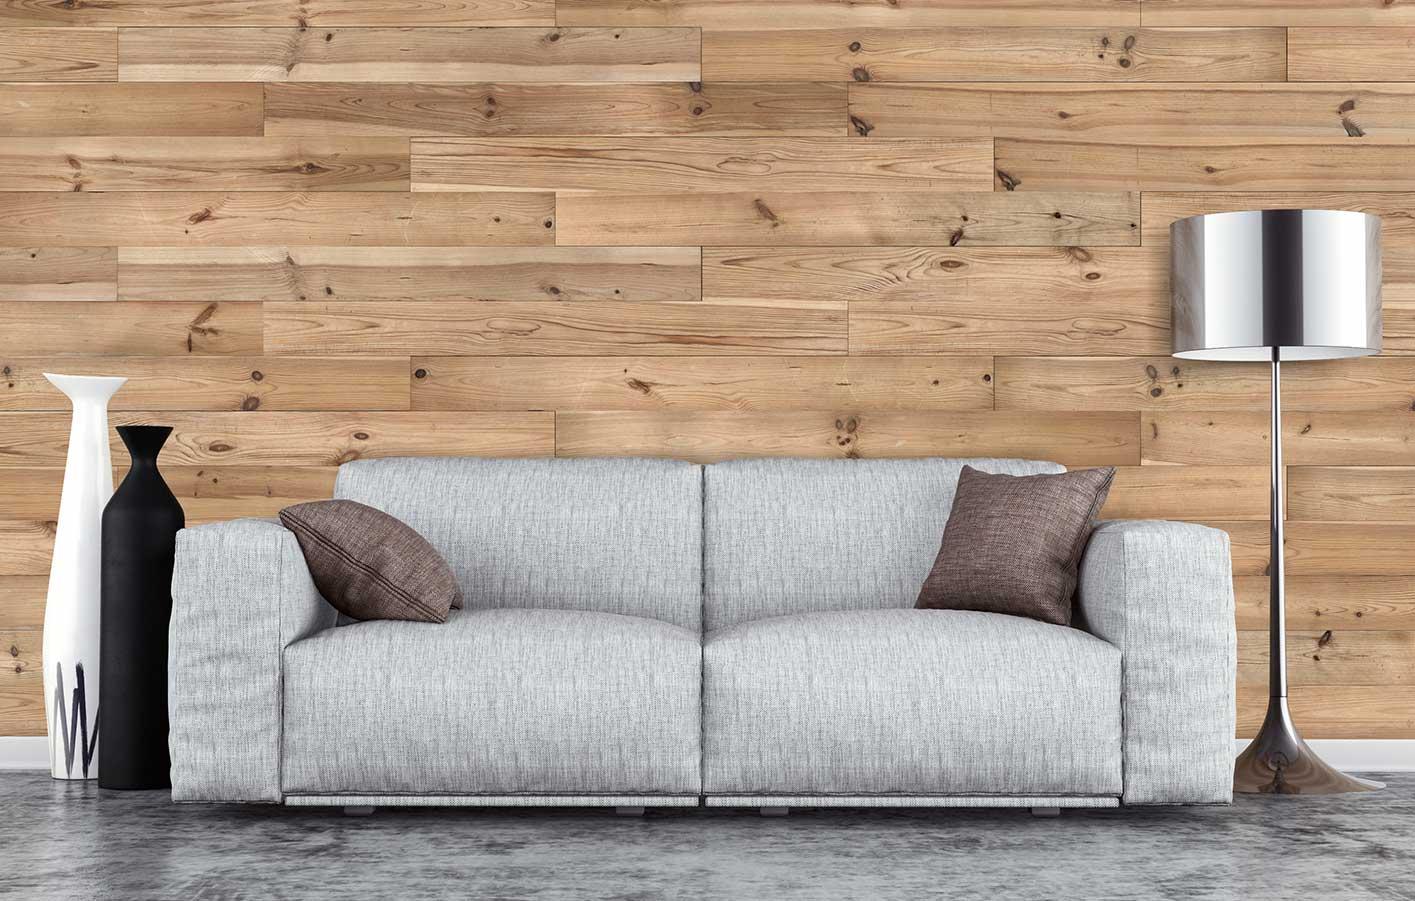 Massivholzdecken Holzdecken Wand   Dortmund Hamm Kamen Unna Soest Im  Sauerland